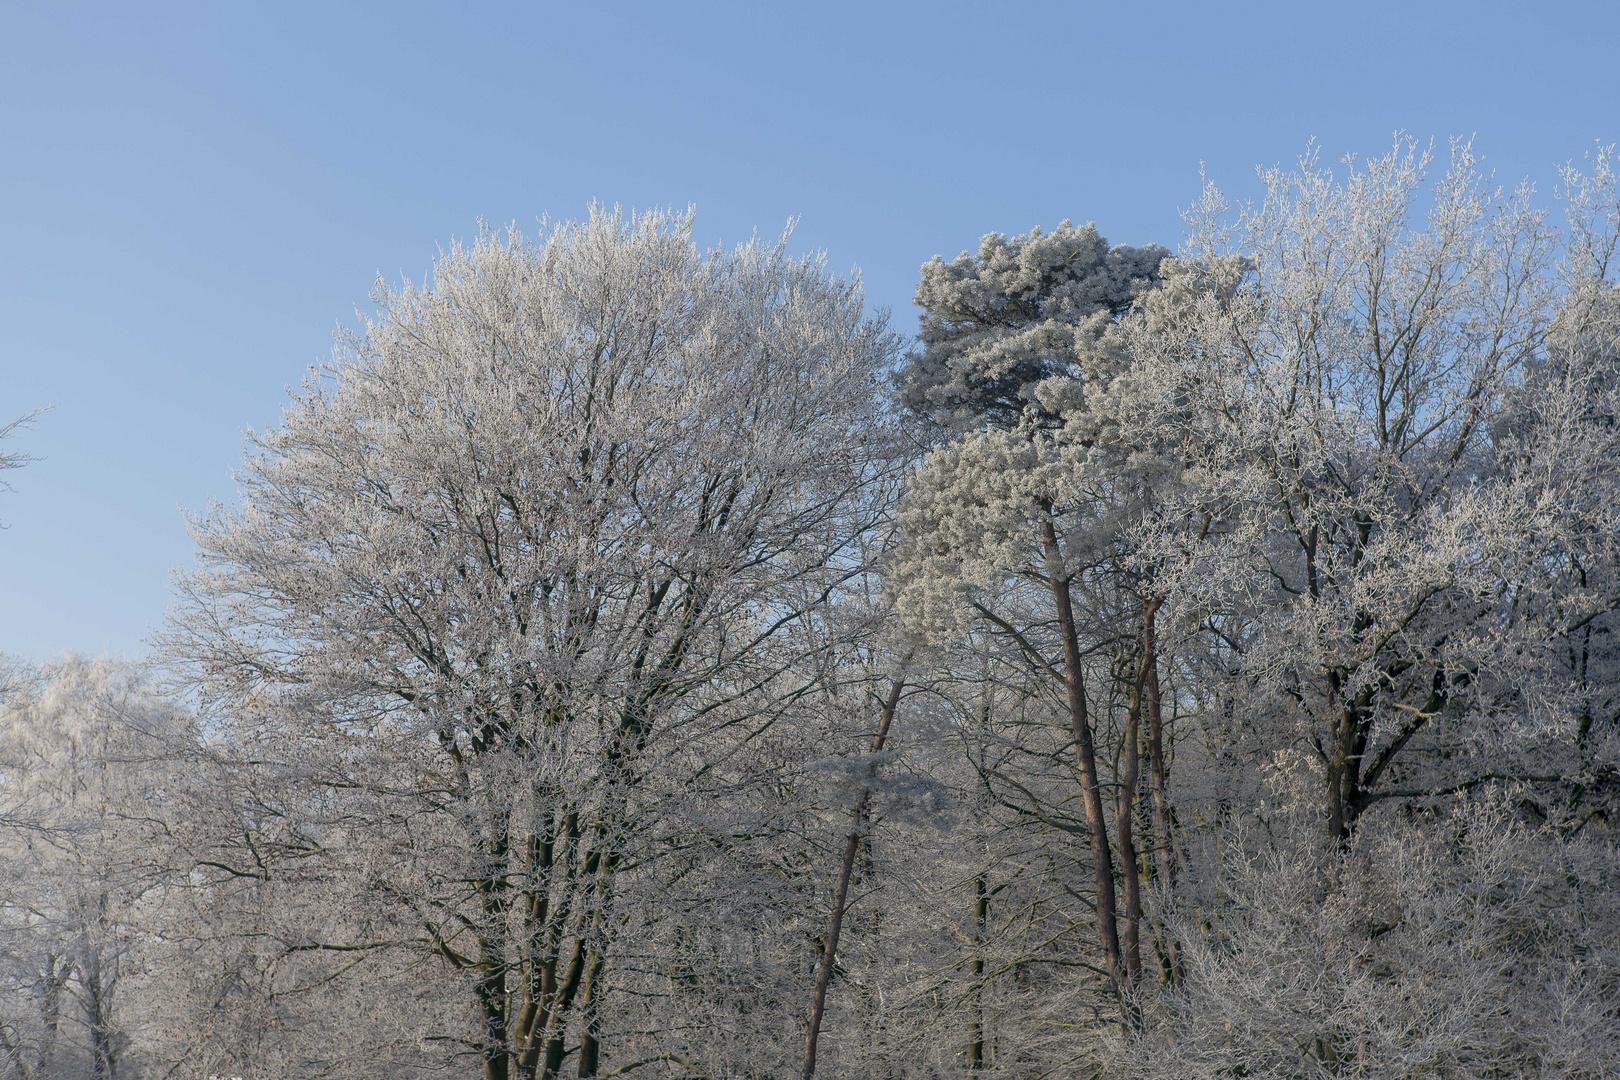 Kurz nach Sonnenaufgang am Ende der Winterzeit...